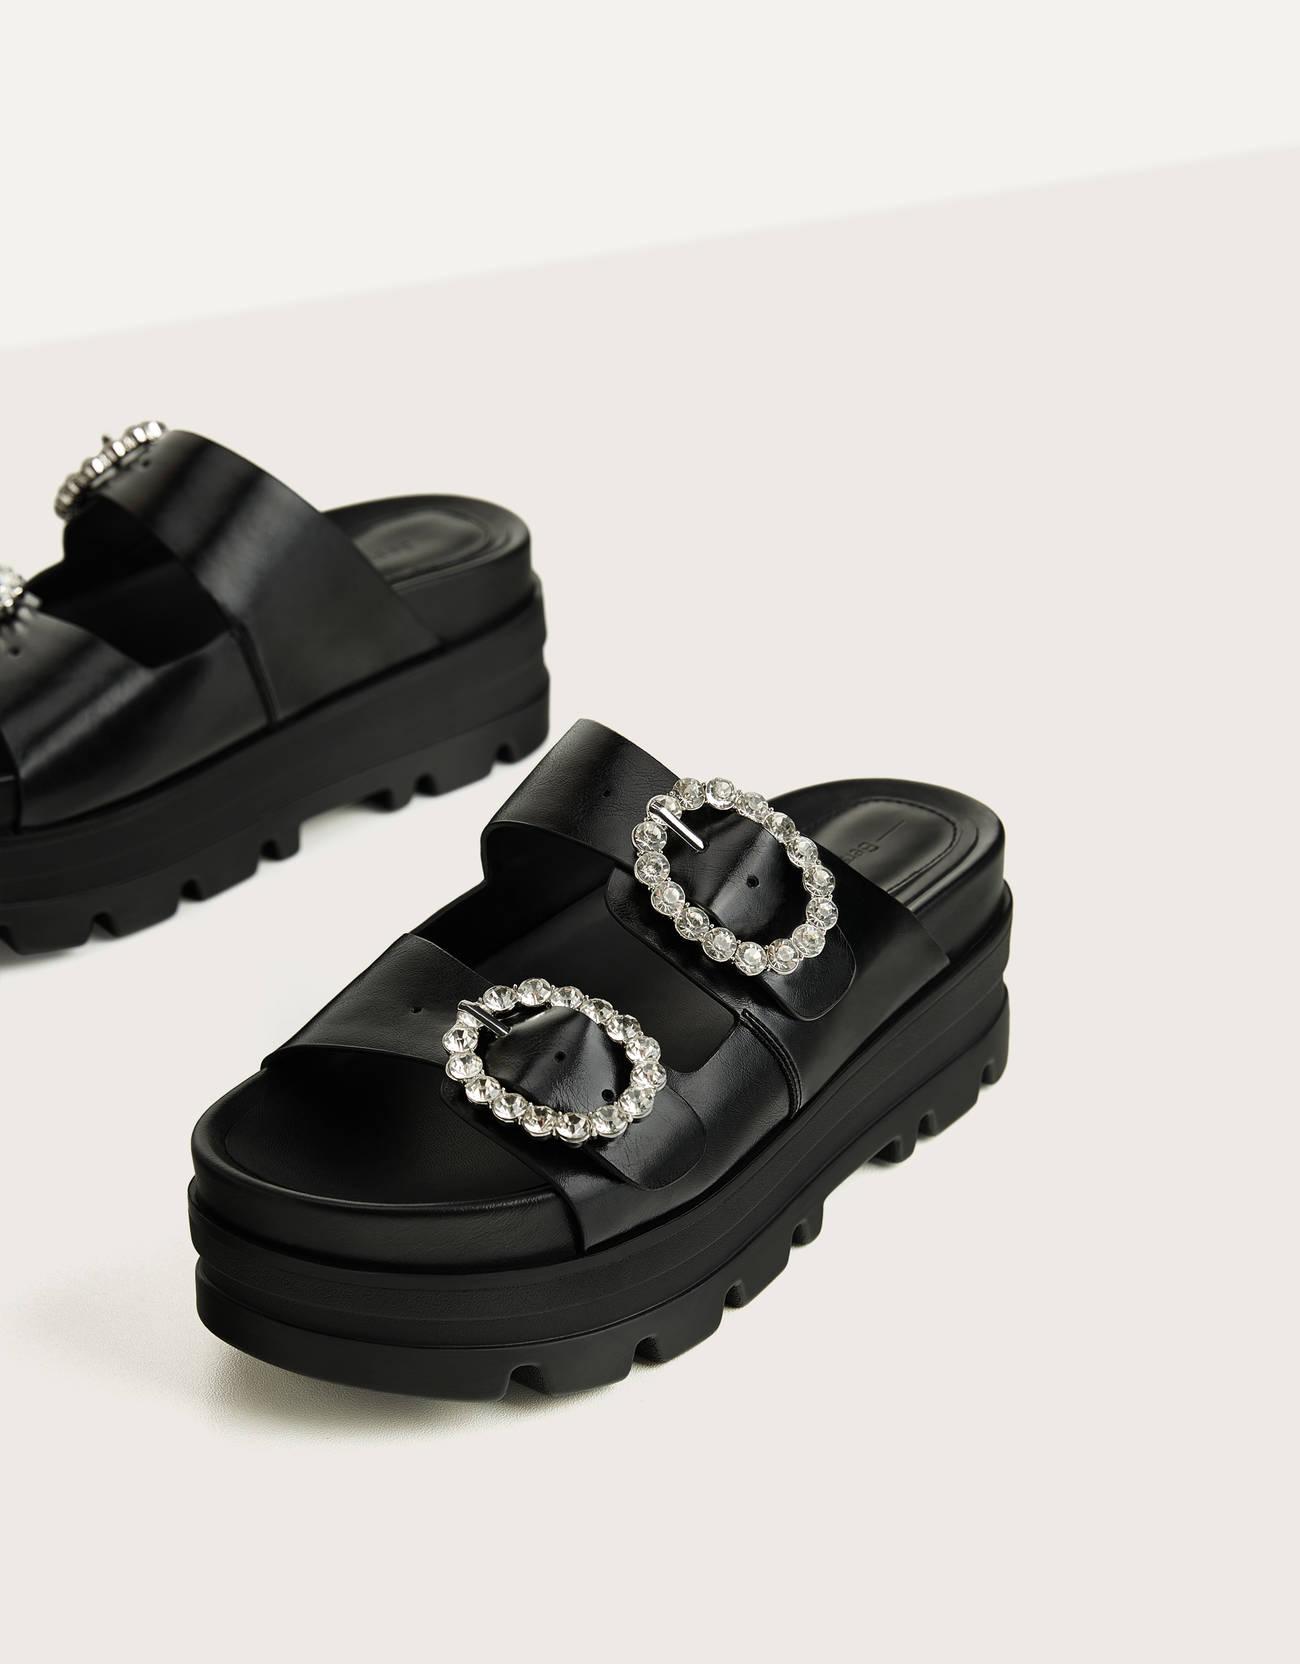 Sandalias ugly con plataforma y hebillas joya